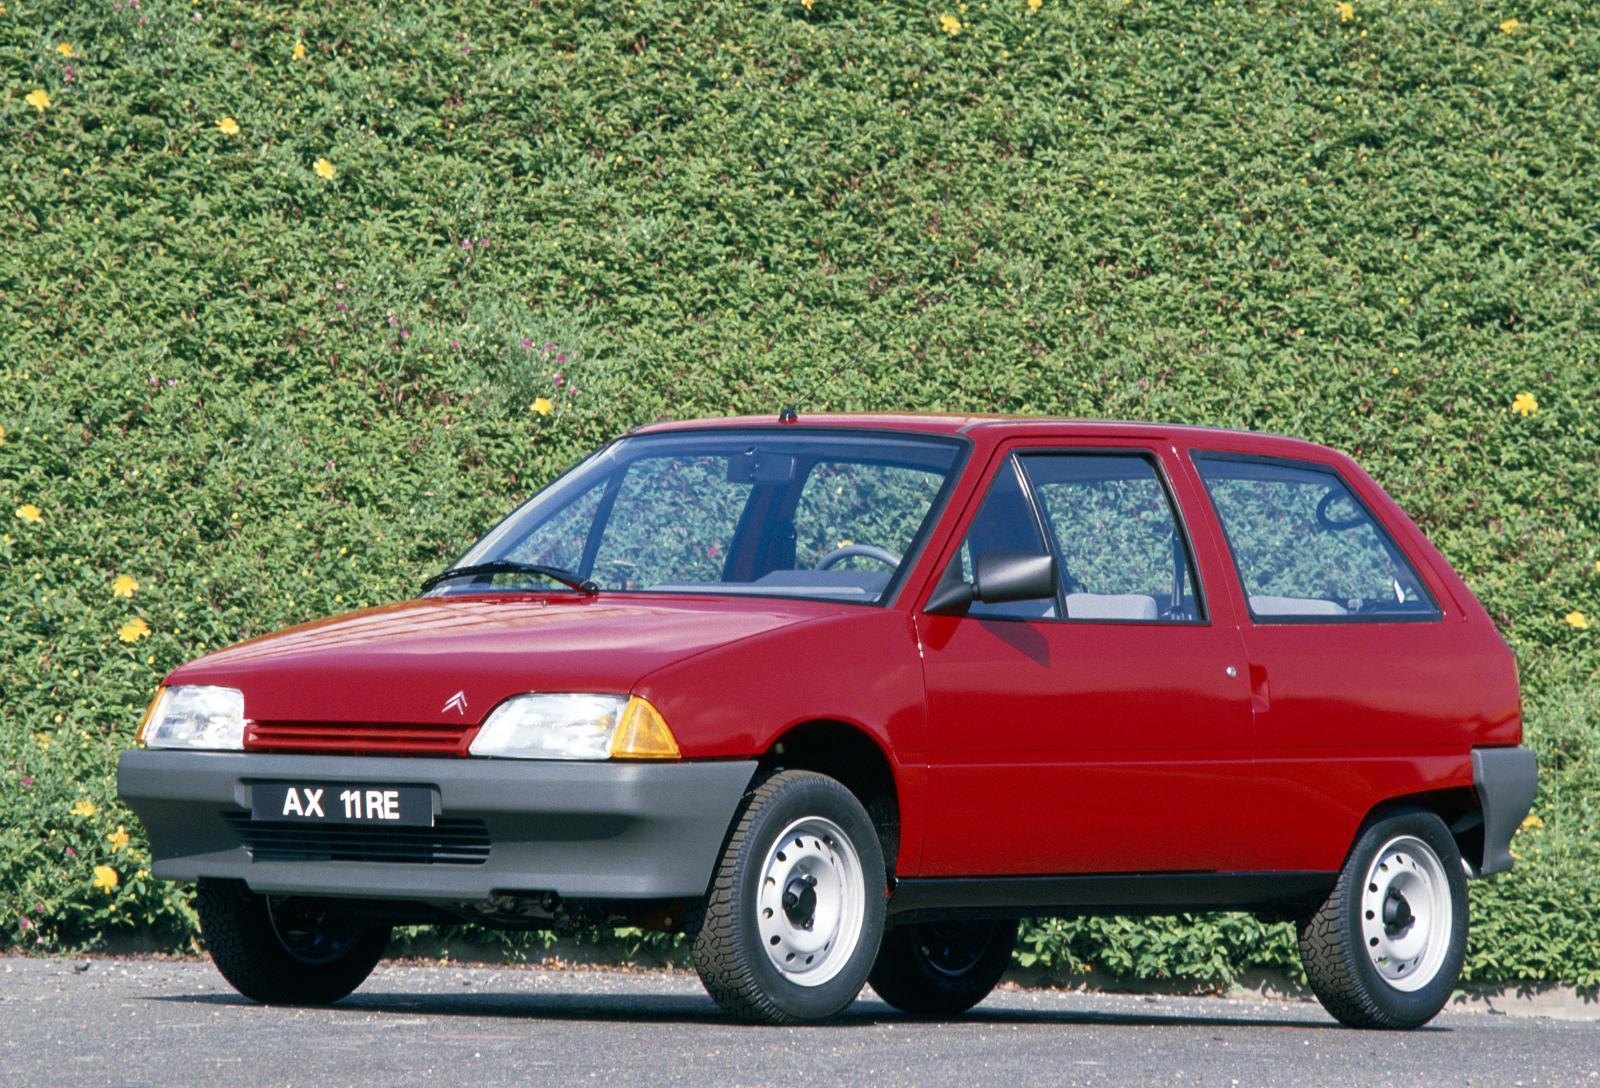 AX 11 RE 1987